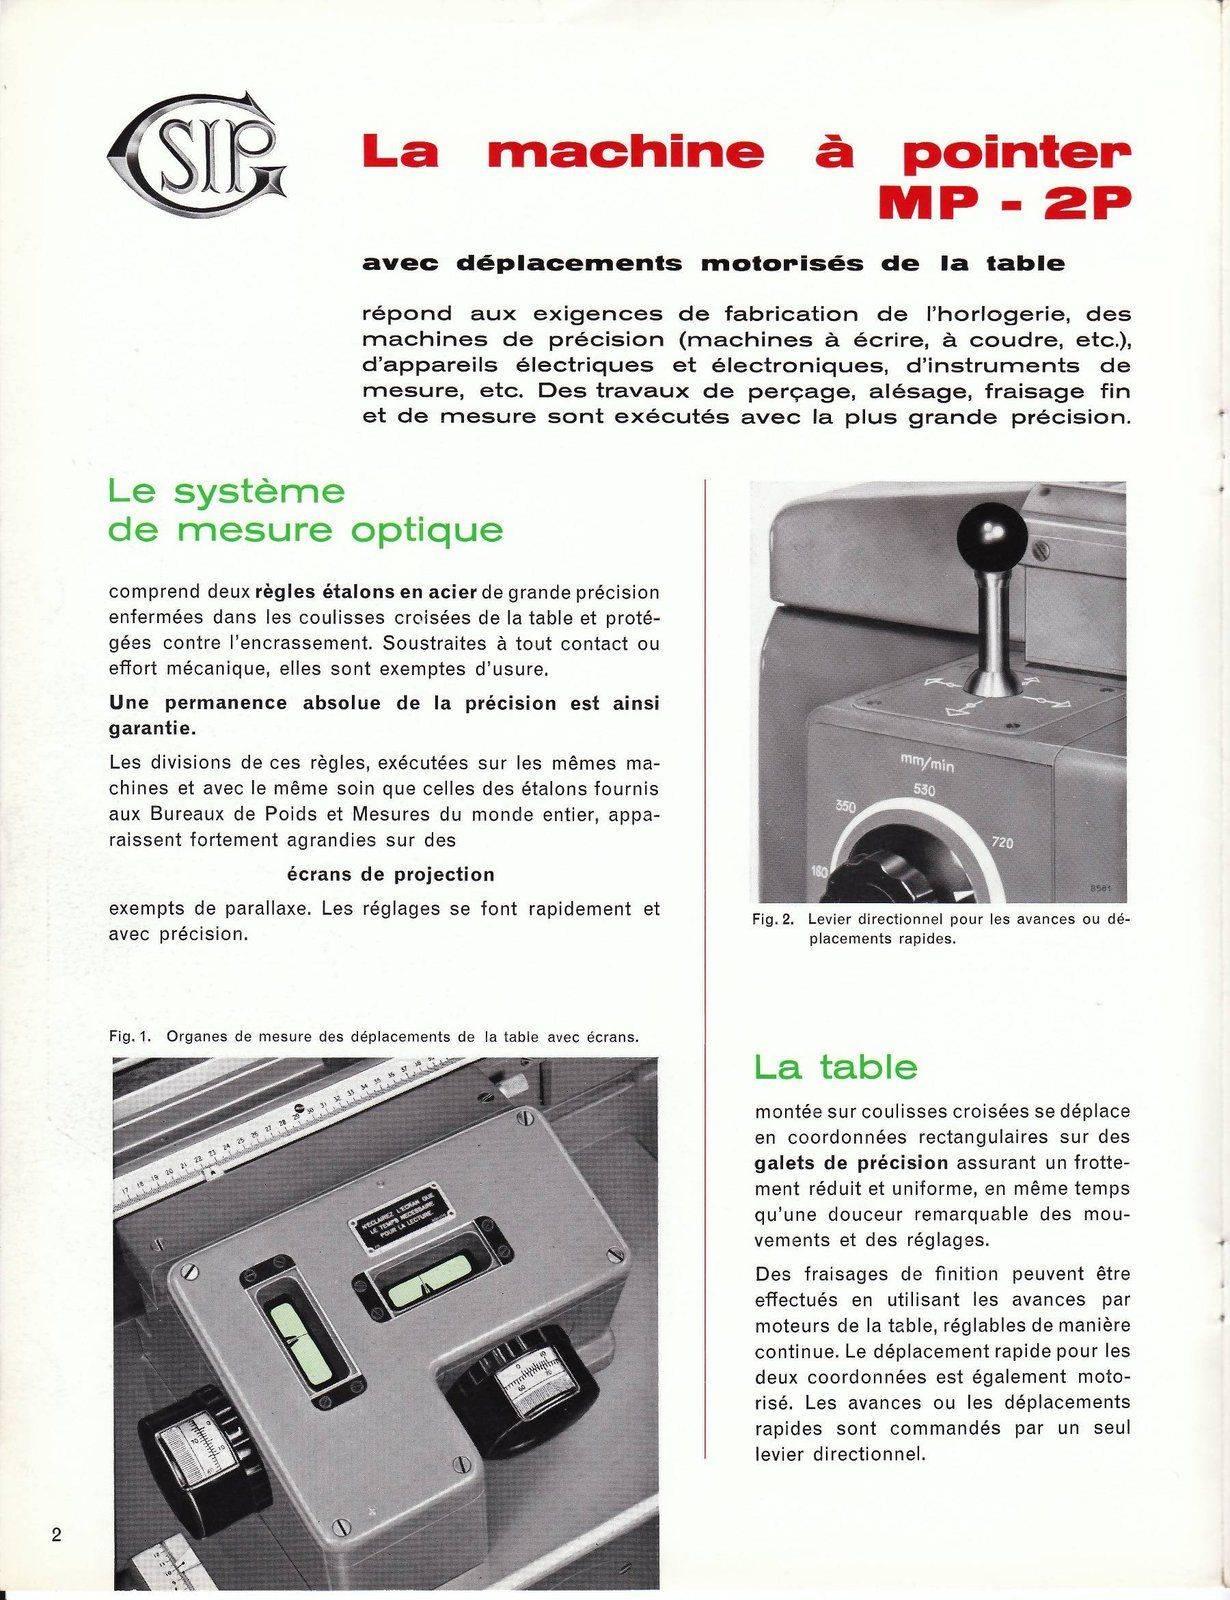 Prospectus MP-2P motorisée_2.jpg